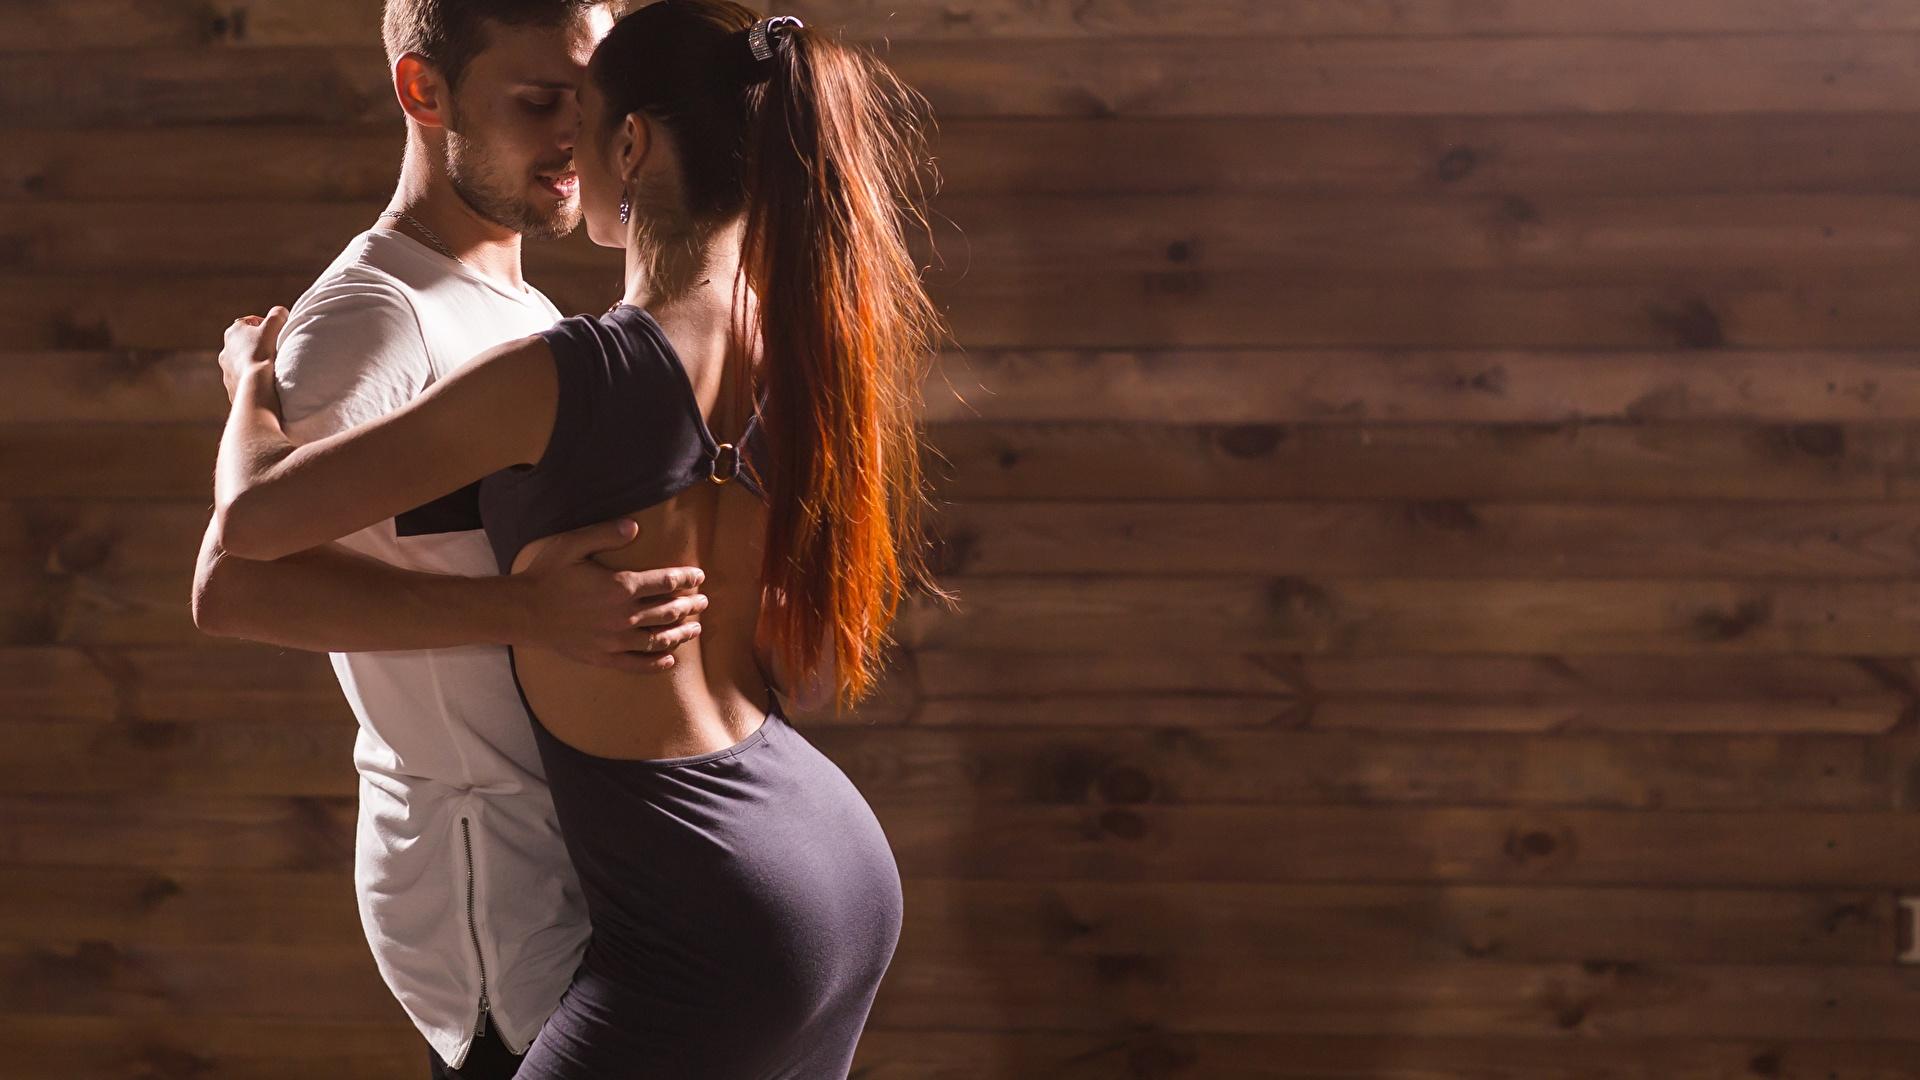 Картинка Мужчины любовники танцует два девушка 1920x1080 мужчина Влюбленные пары Танцы танцуют 2 две Двое вдвоем Девушки молодая женщина молодые женщины